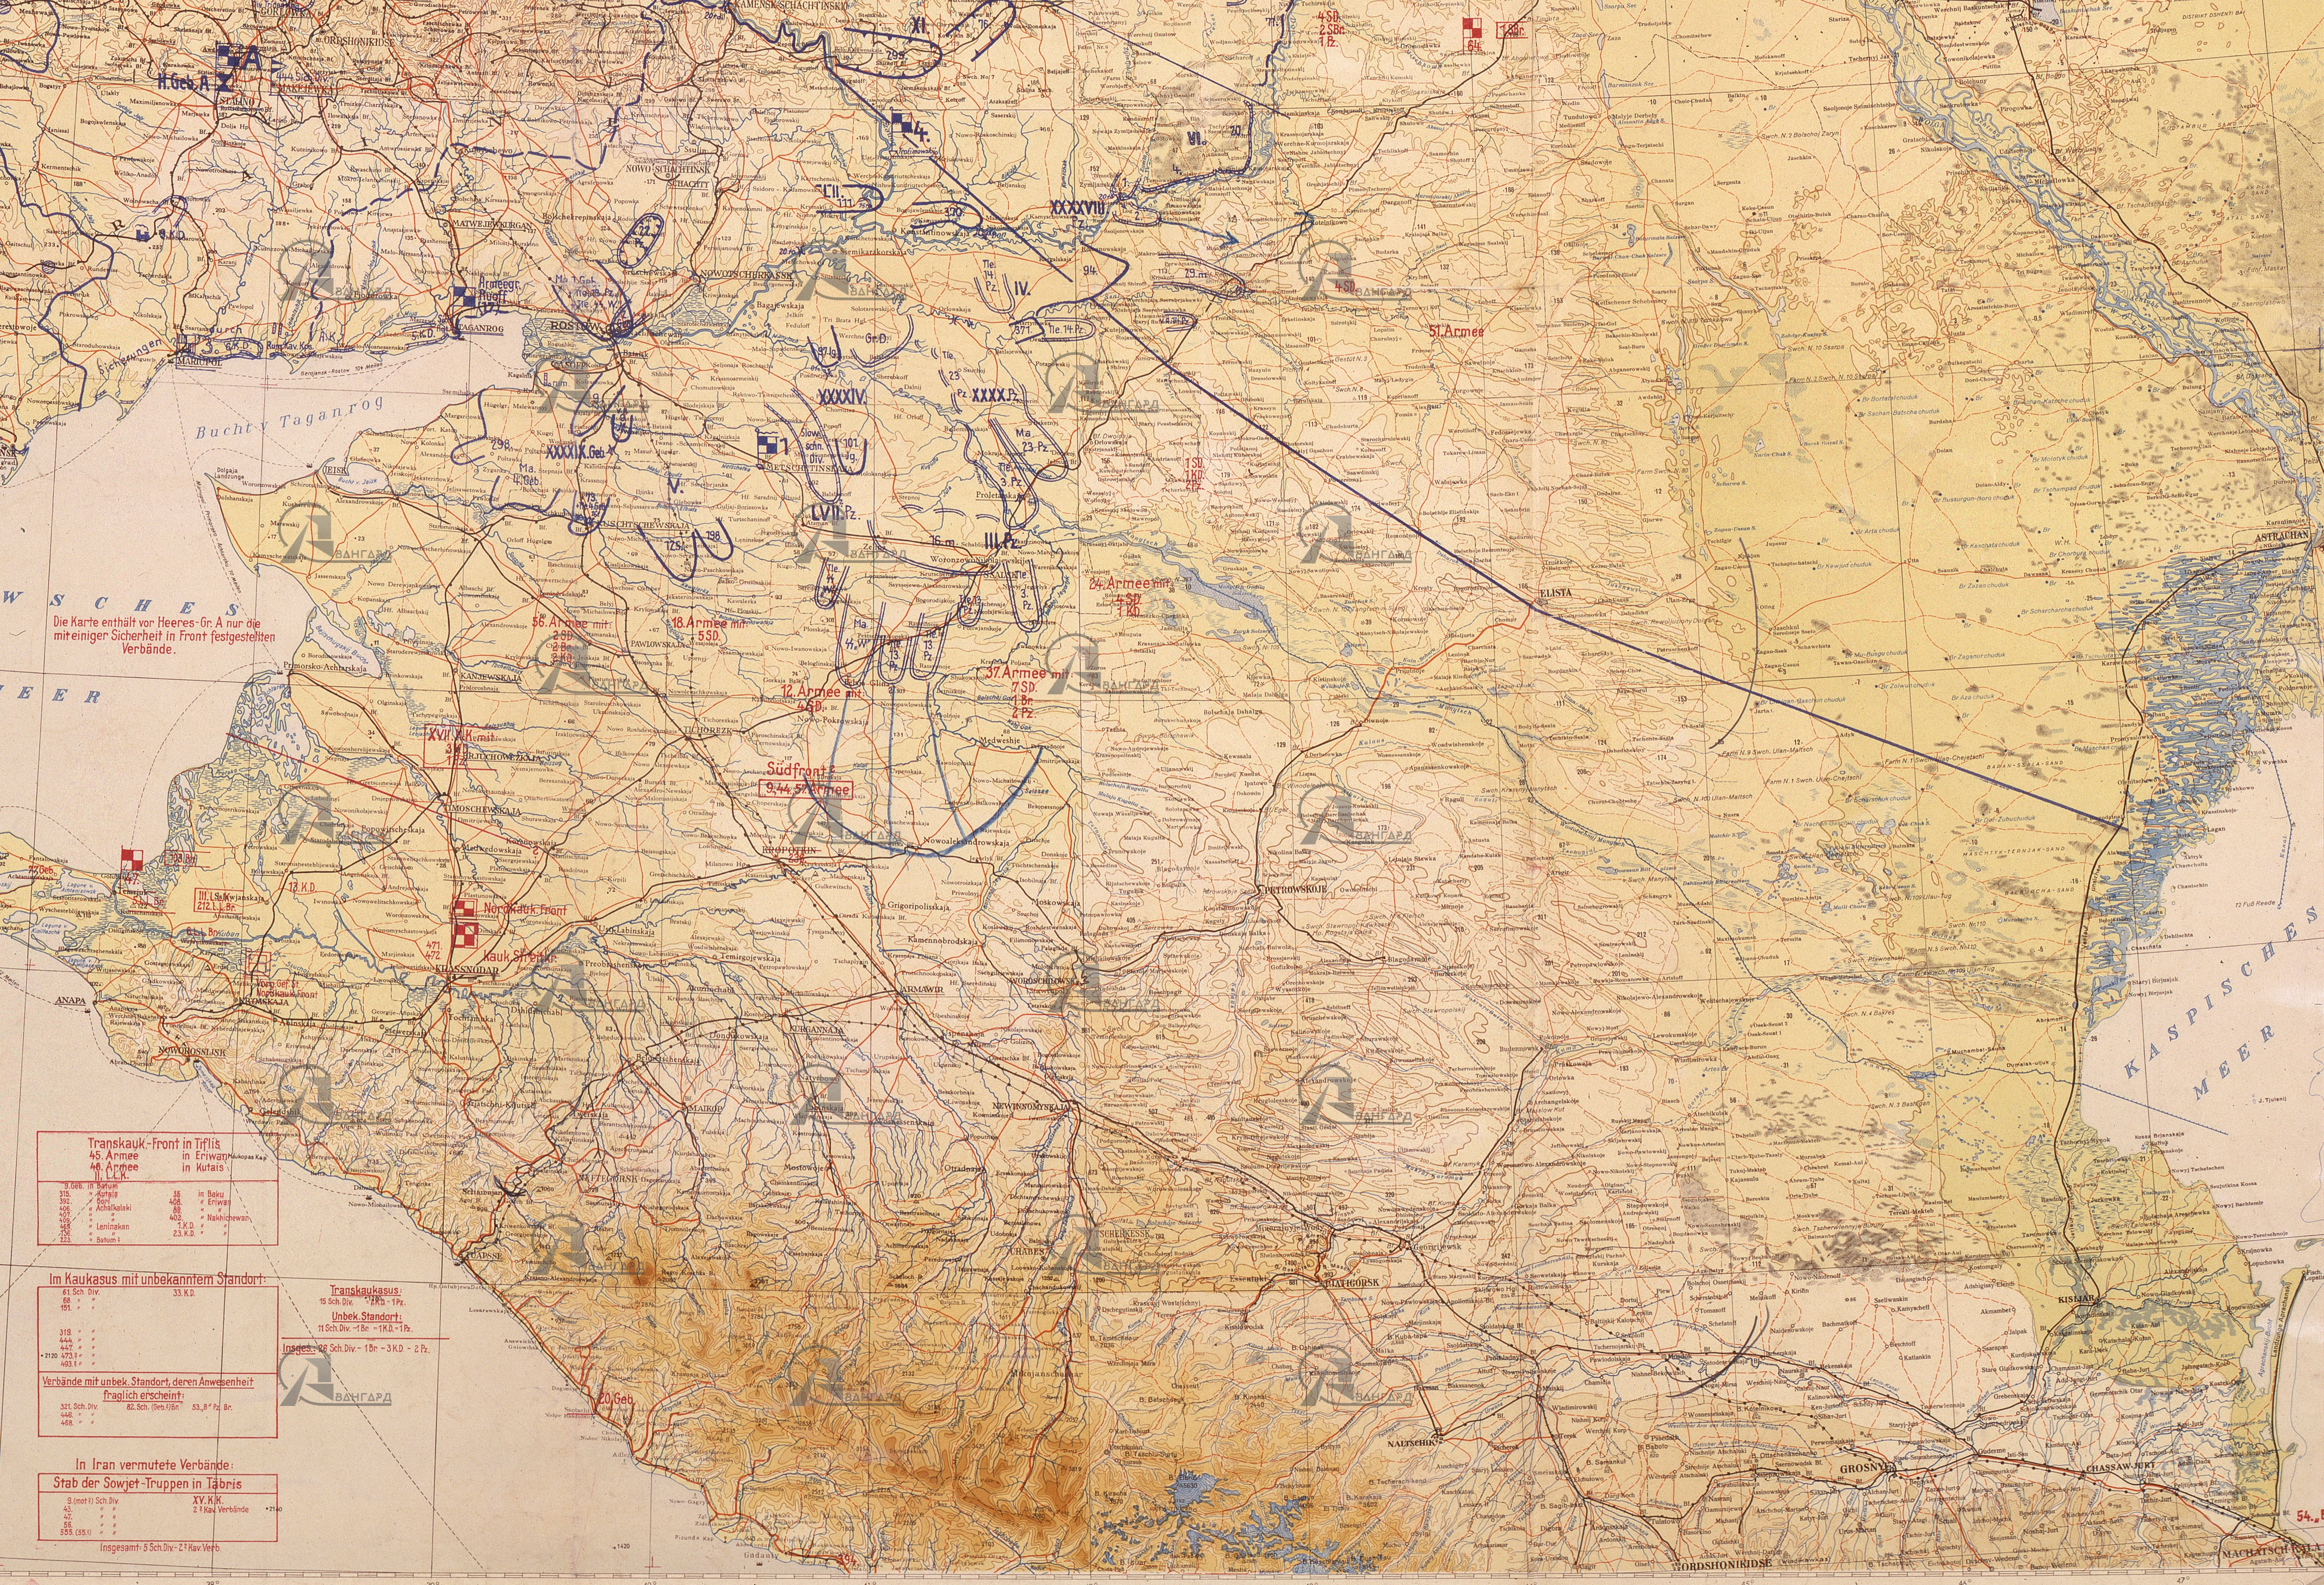 Фрагмент карты ОКХ от 01.08.1942 г